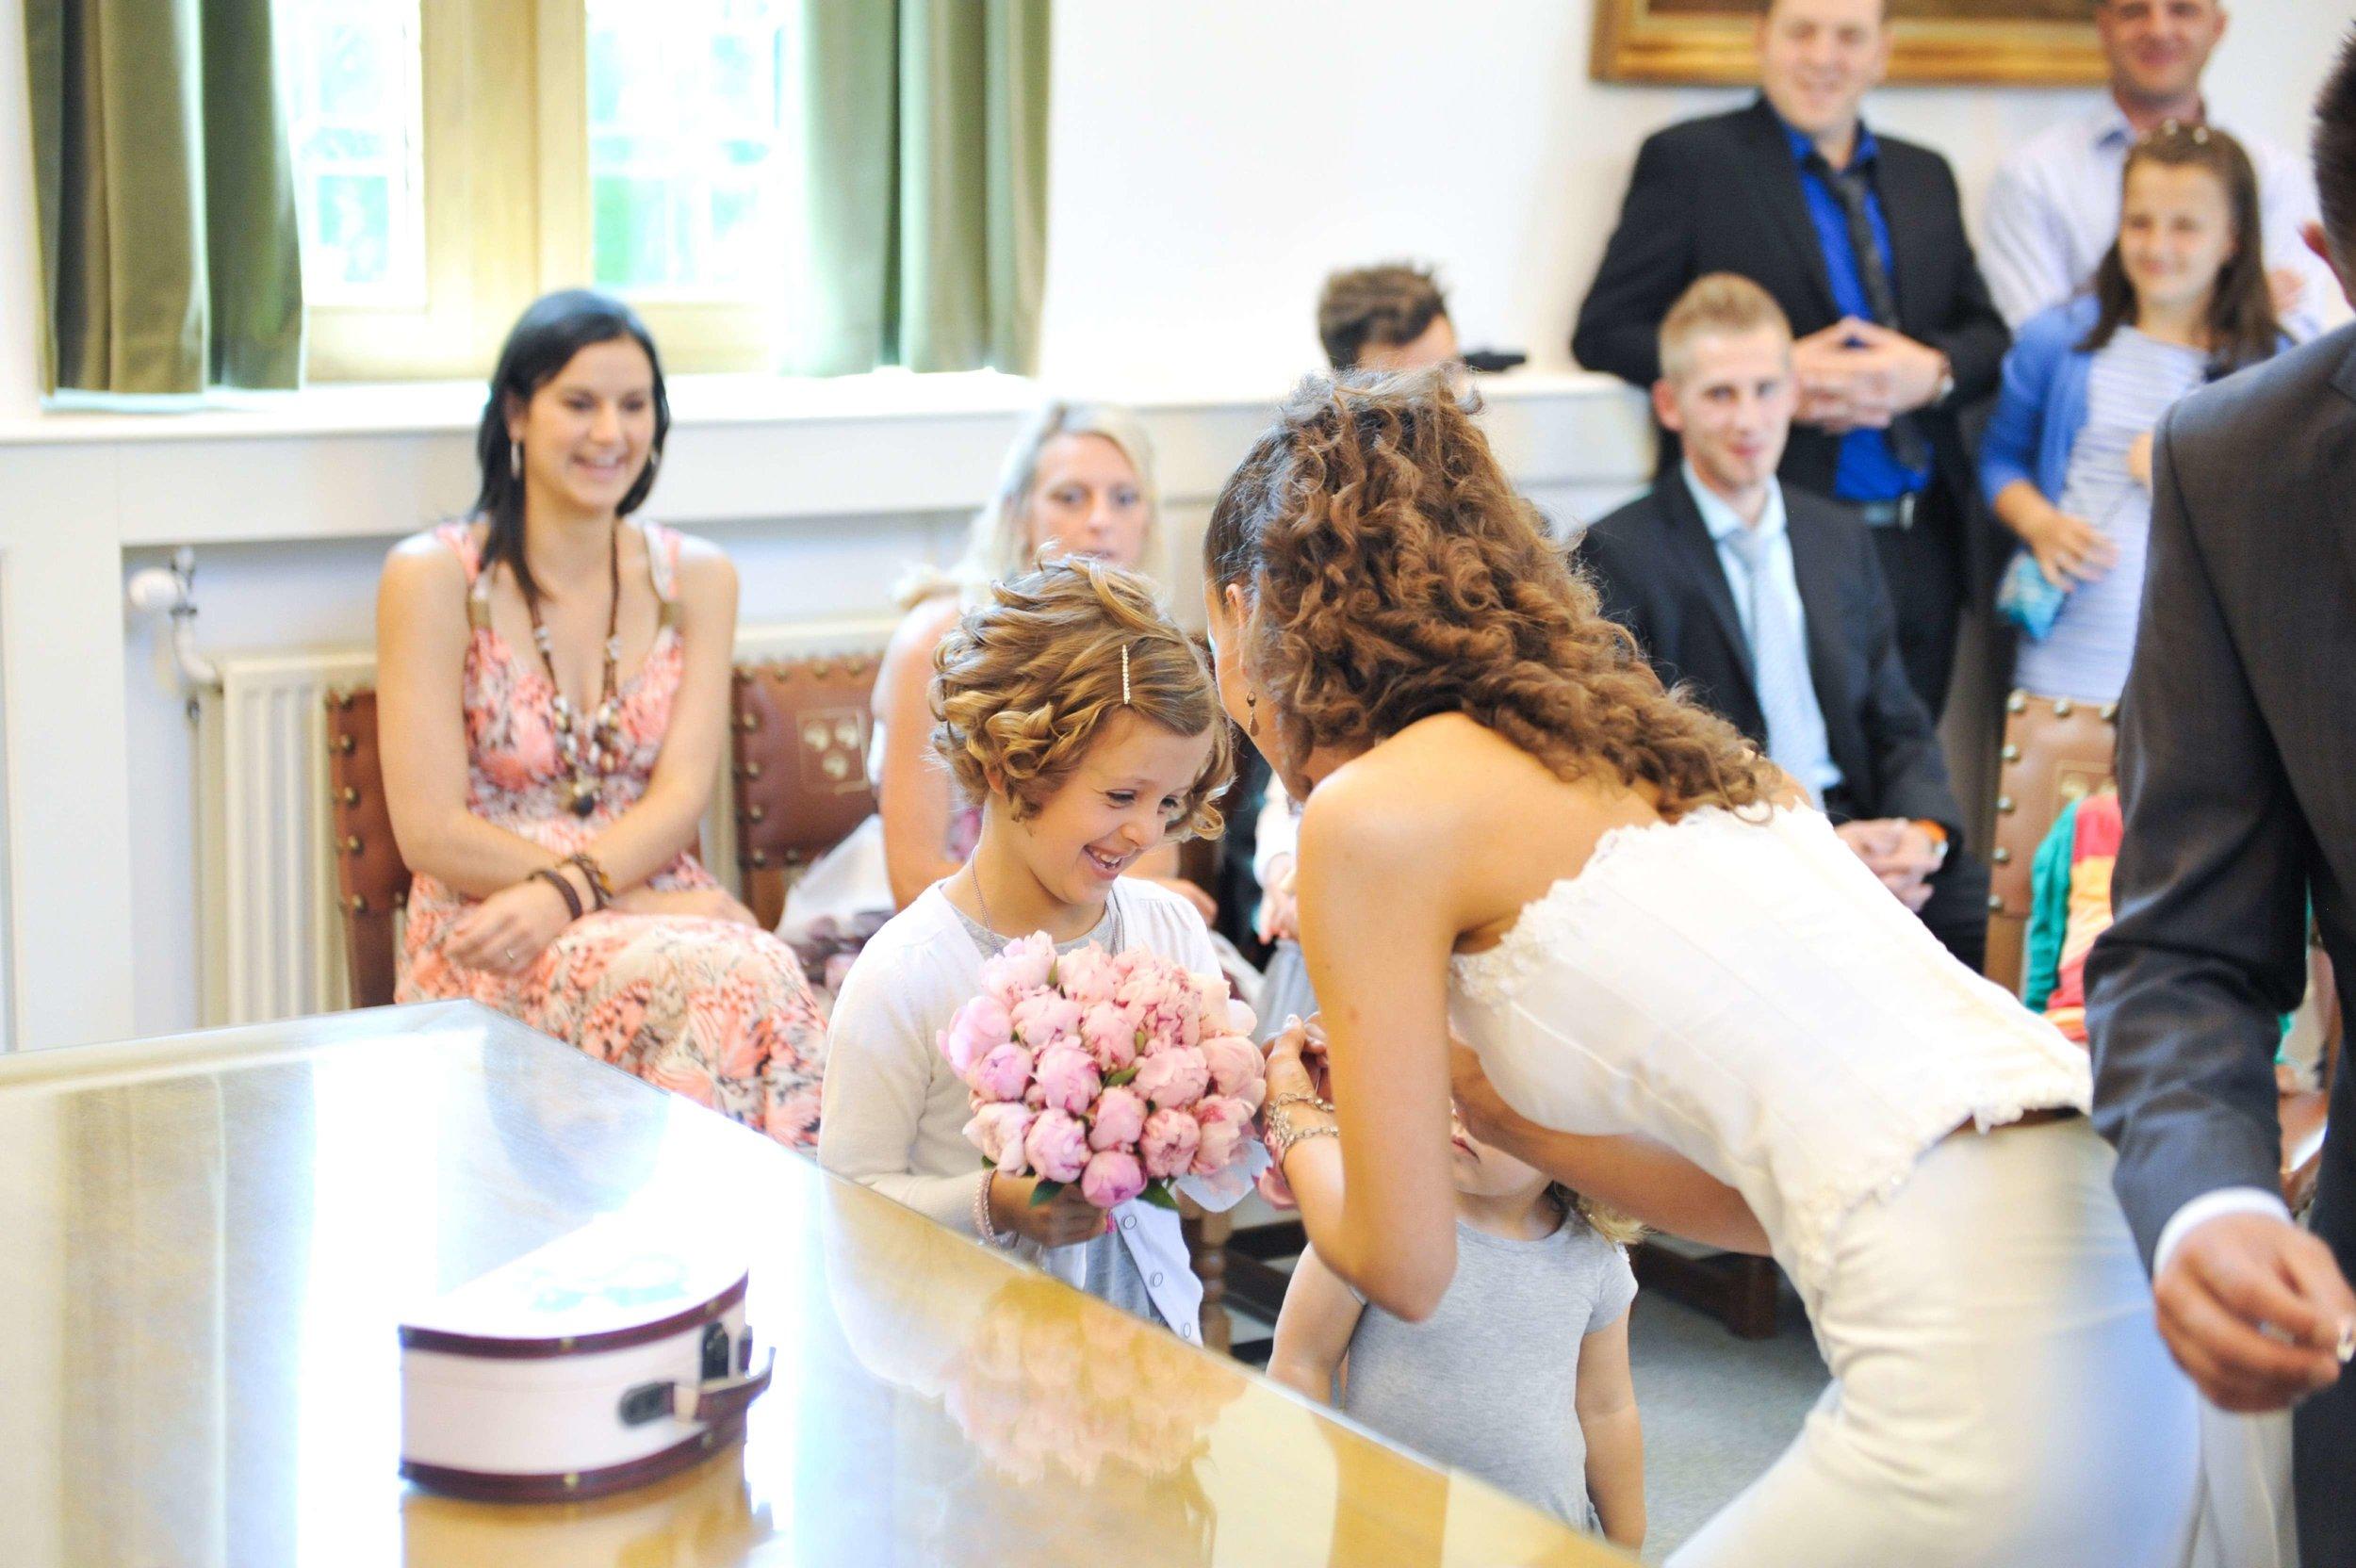 Bart Albrecht fotograaf photographer belgium belgie anbtwerpen antwerp wedding huwelijk huwelijksfotograaf trouwfotograaf trouw bruid bruidegom trouwkleed ceremonie weddingdress topphotographer topfotograaf beste best top 10 33.jpg